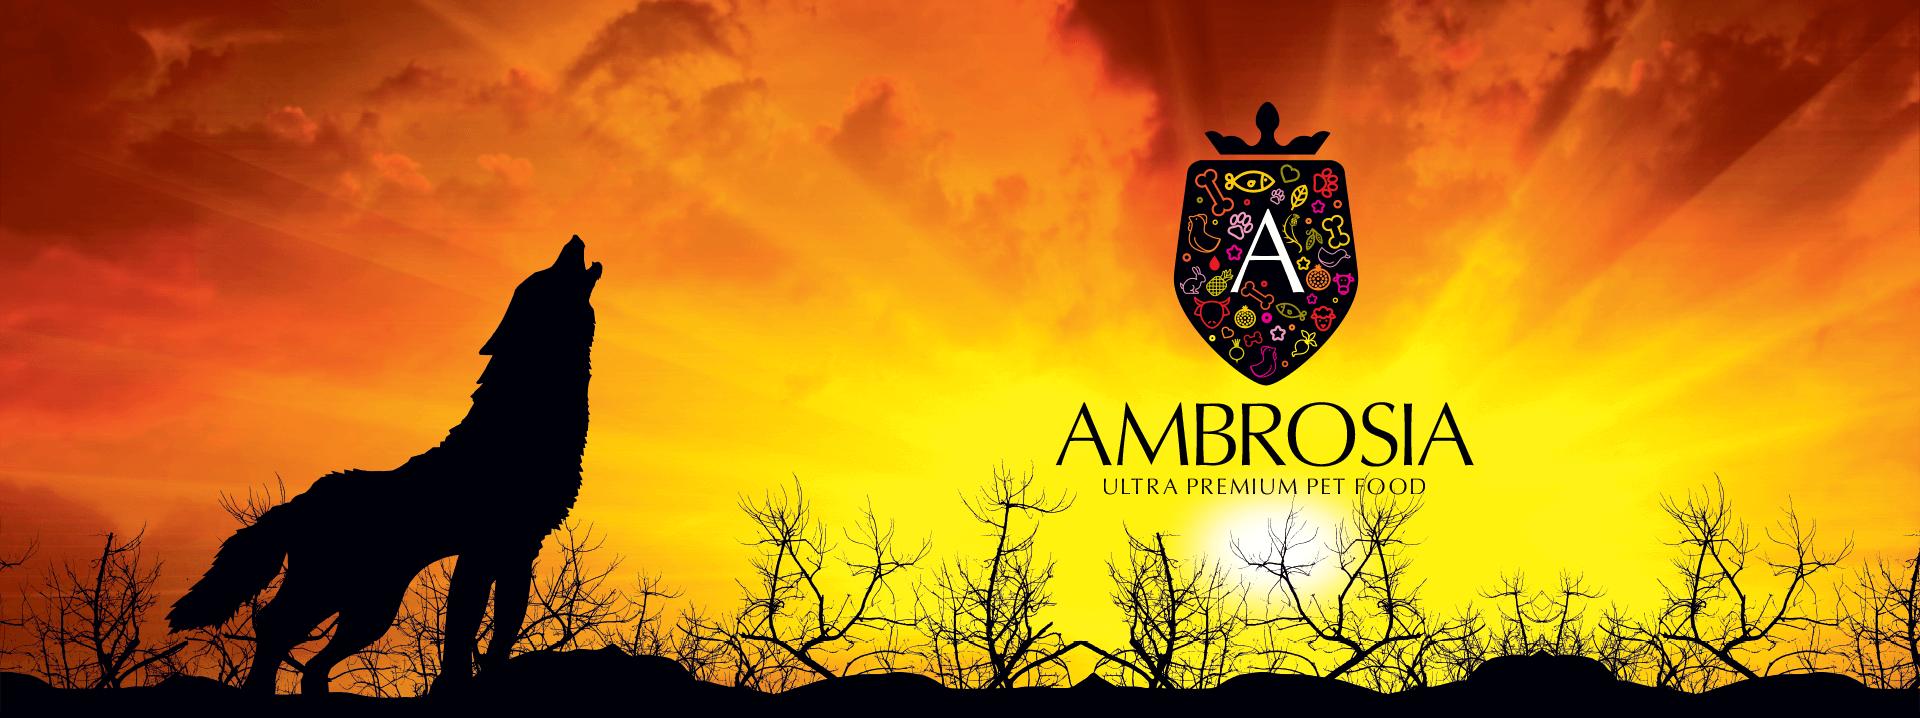 Τροφές Ambrosia Αρτέμιδα, Λούτσα, Βραυρώνα